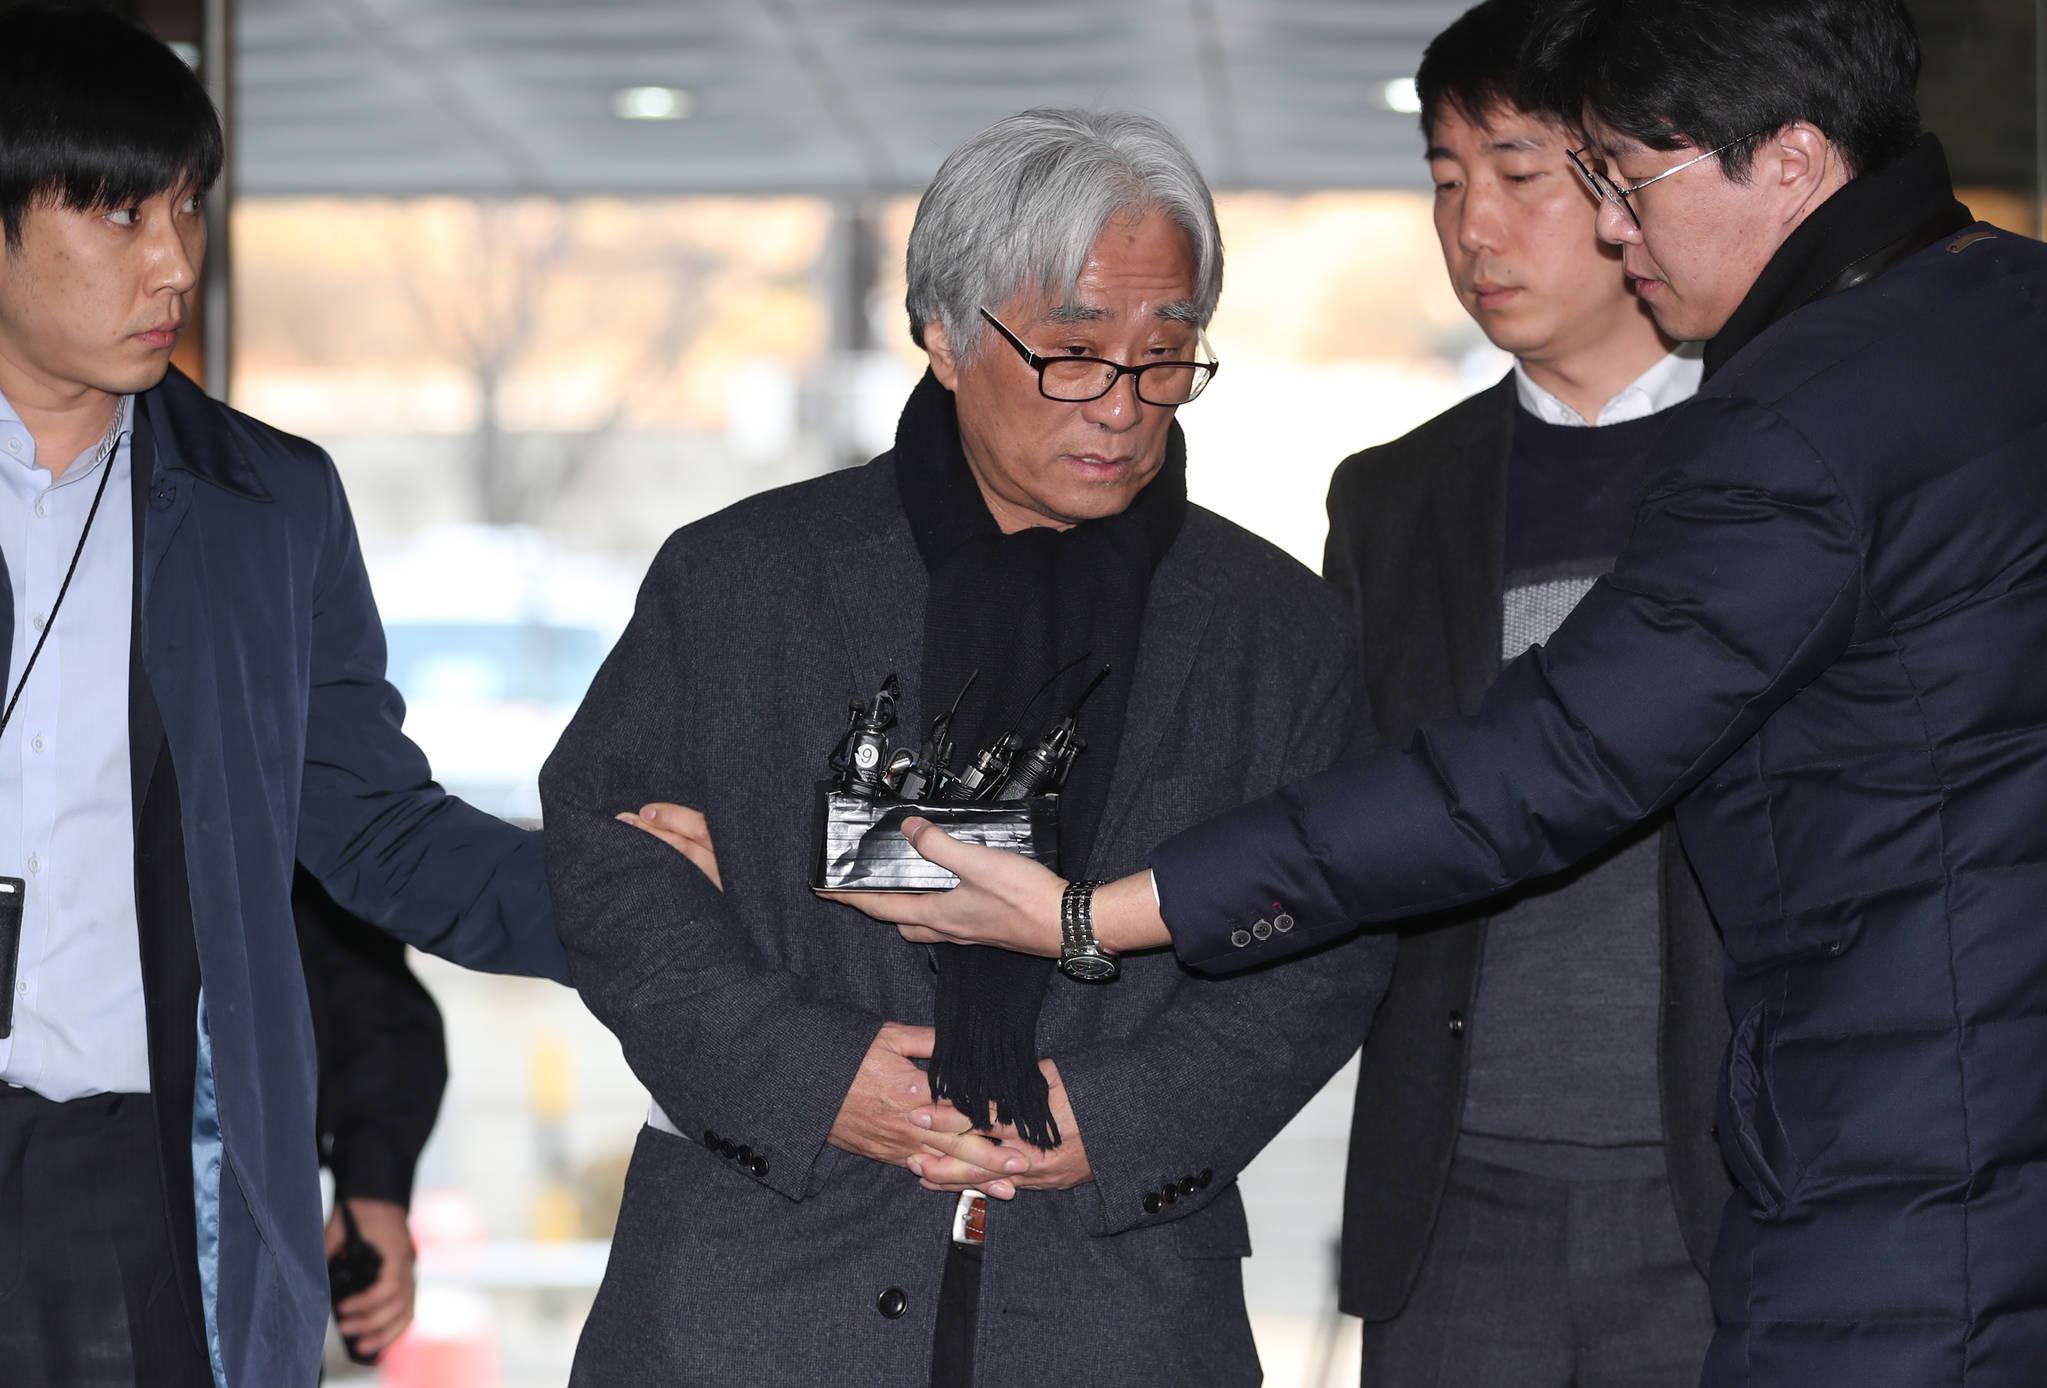 23일 연출가 이윤택씨가 피의자 심문을 받기 위해 서울중앙지방법원에 출석했다.[사진 뉴시스]